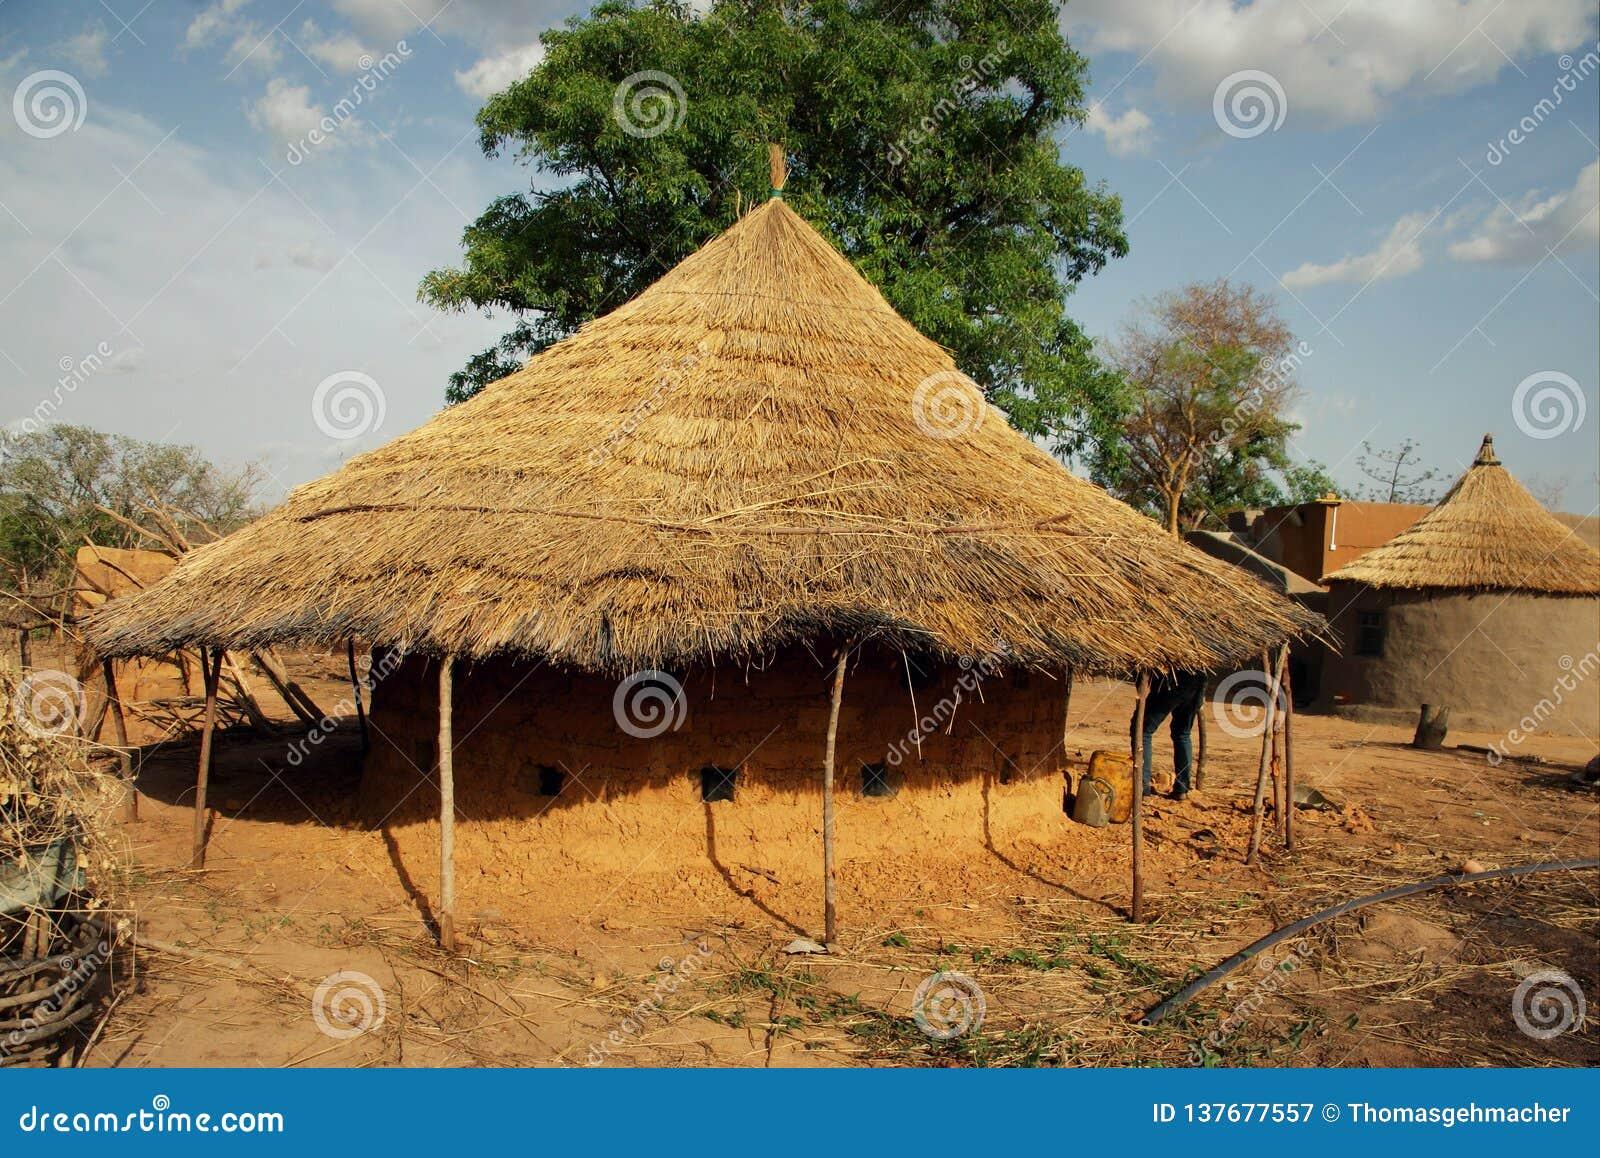 Bâtiment traditionnel de boue de toit couvert de chaume utilisé pour le stockage des onians